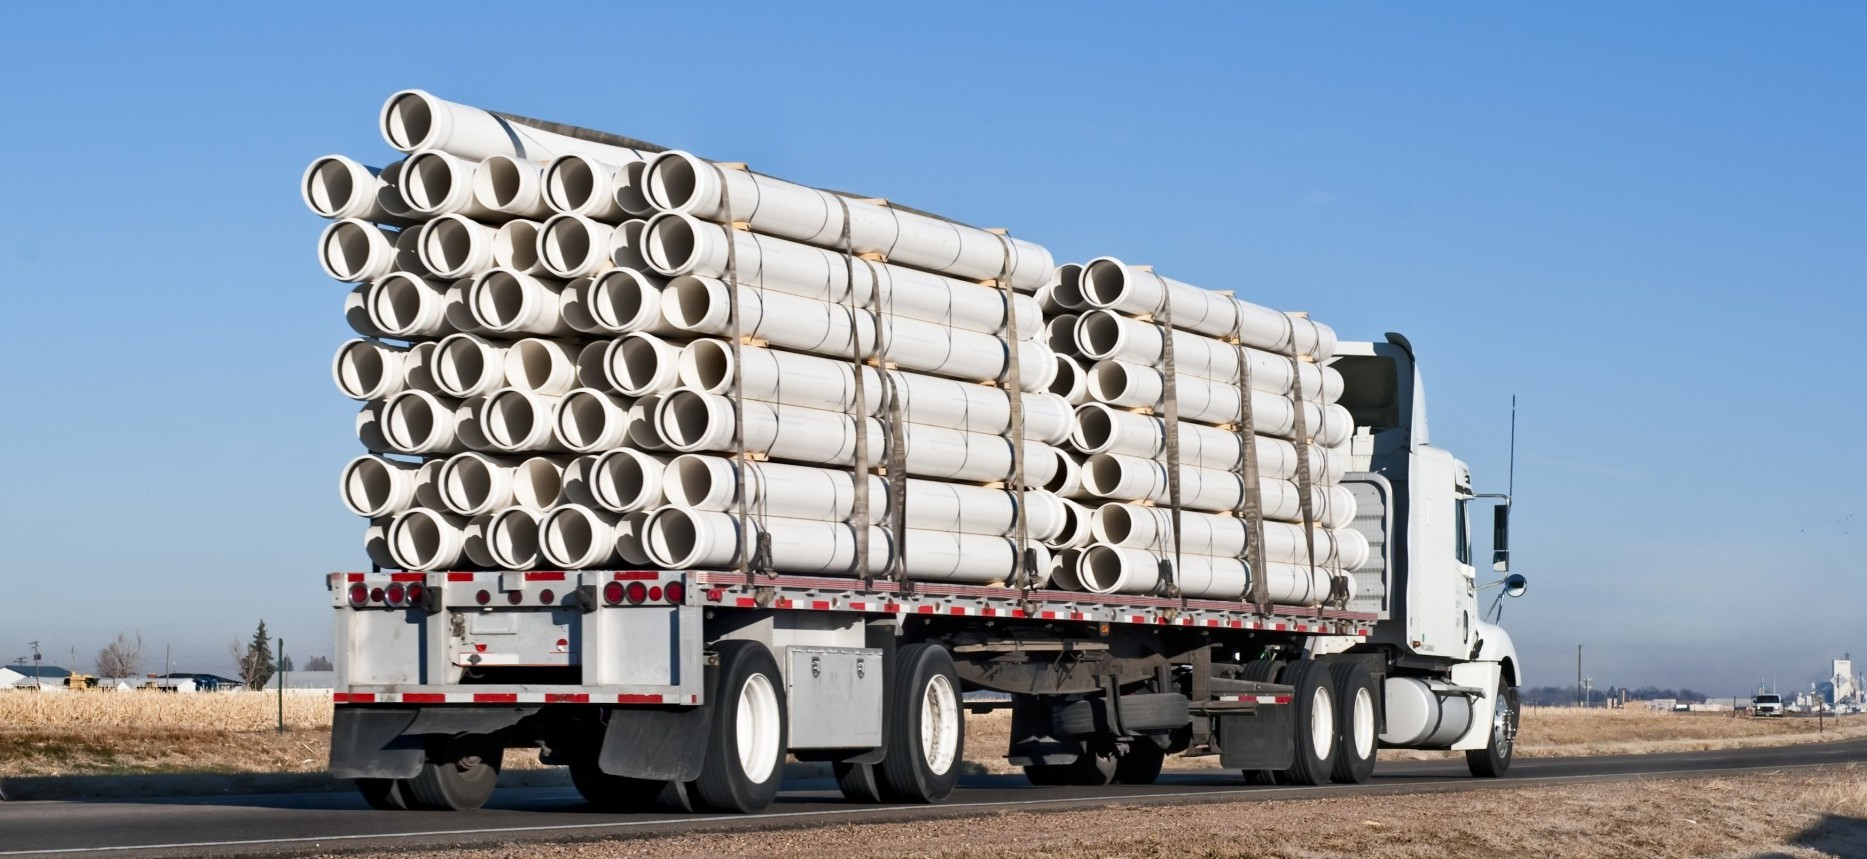 Stoughton Trucking, Inc